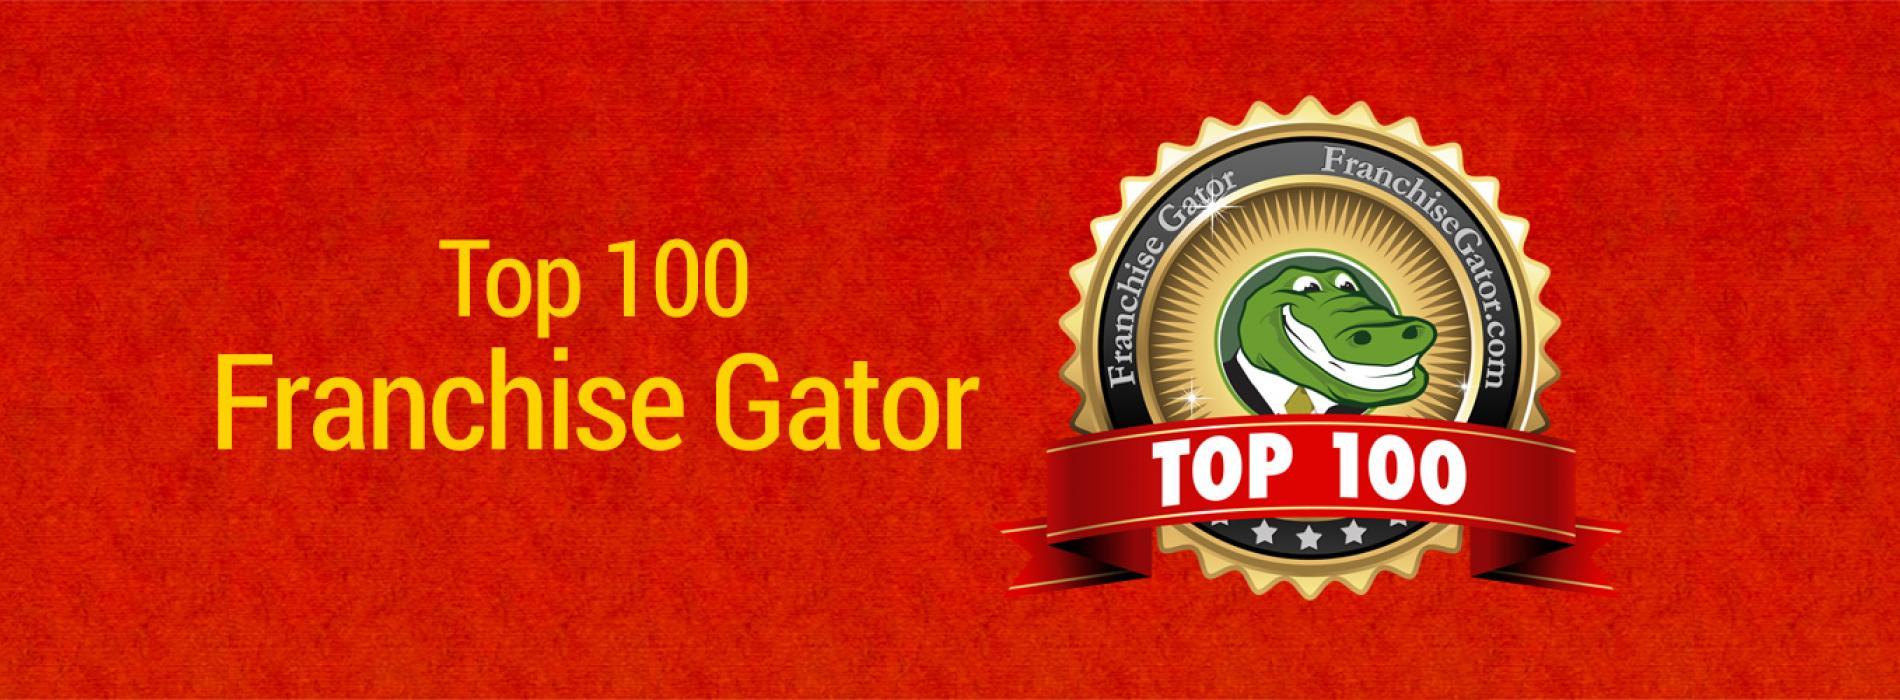 Top 100 Franchise Gator